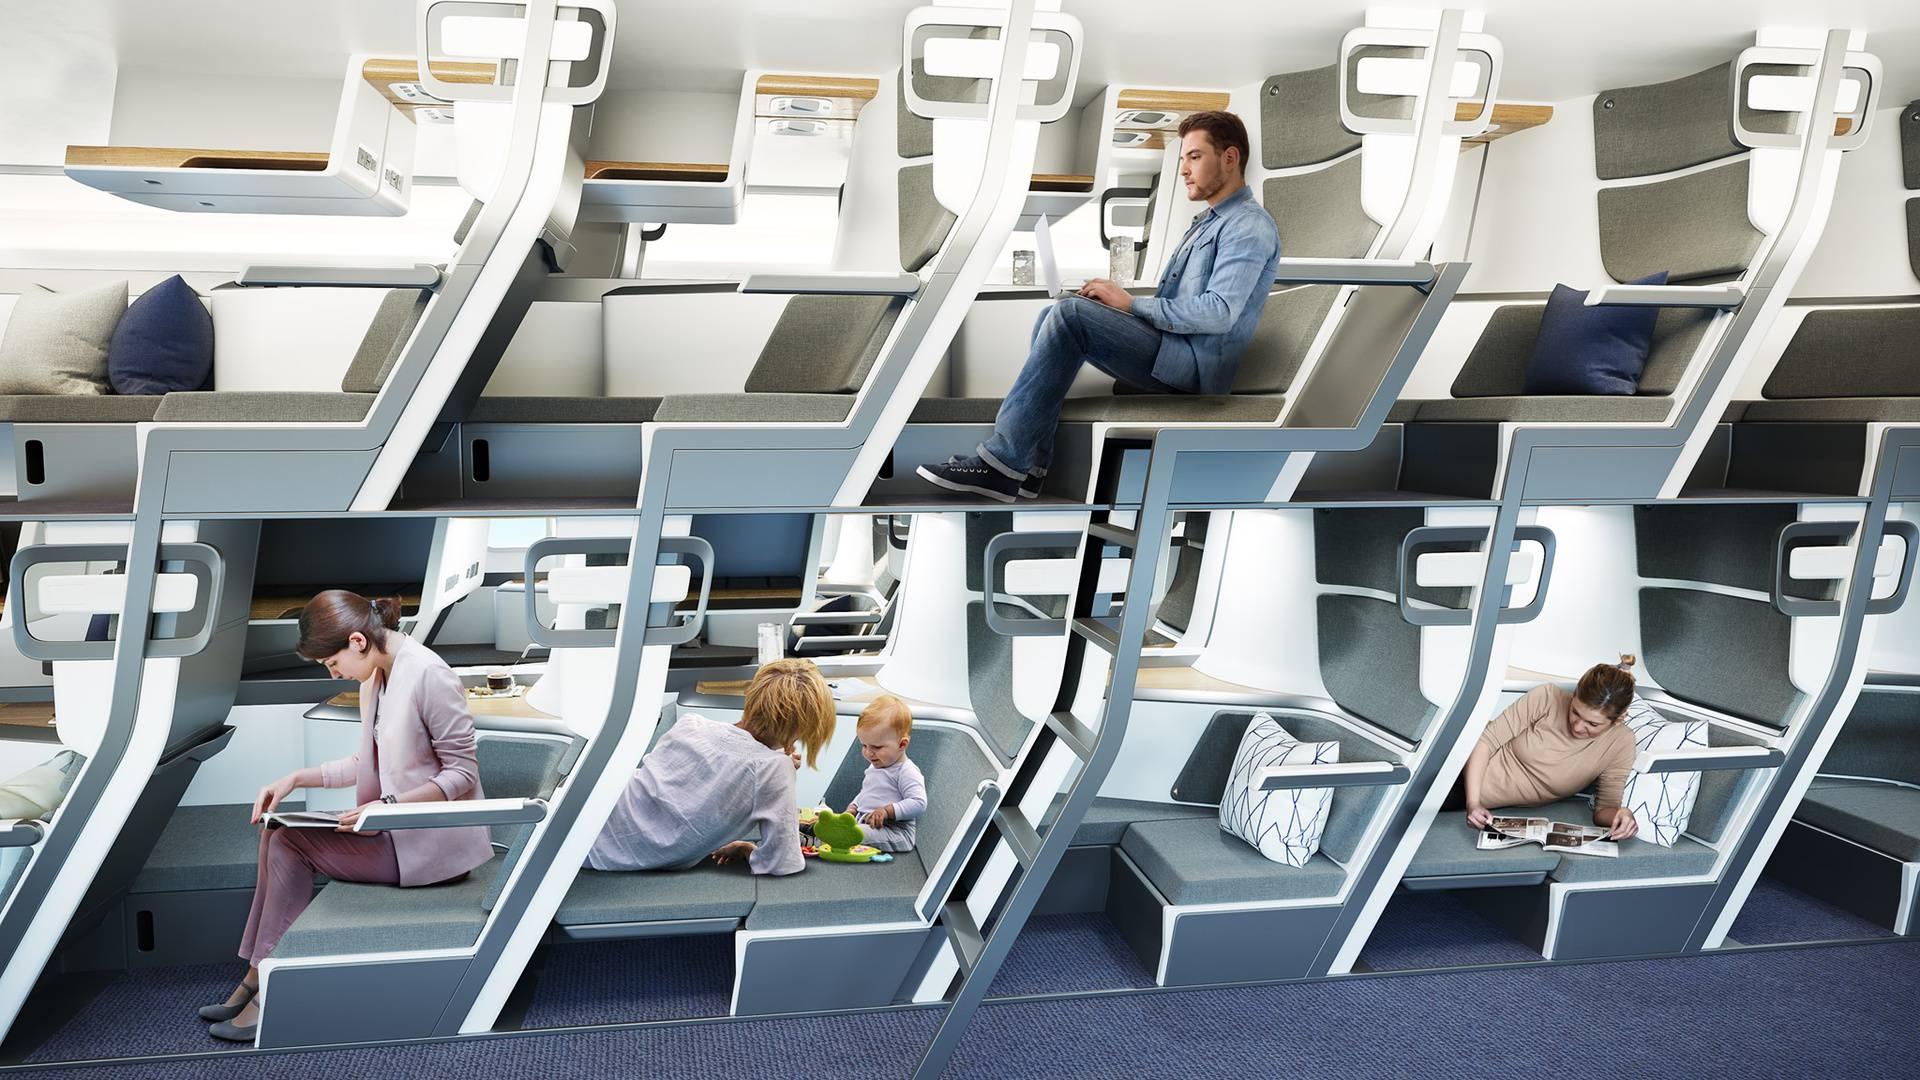 Dizajnirao dvokatna sjedala u avionu: Putnici mogu i ležati